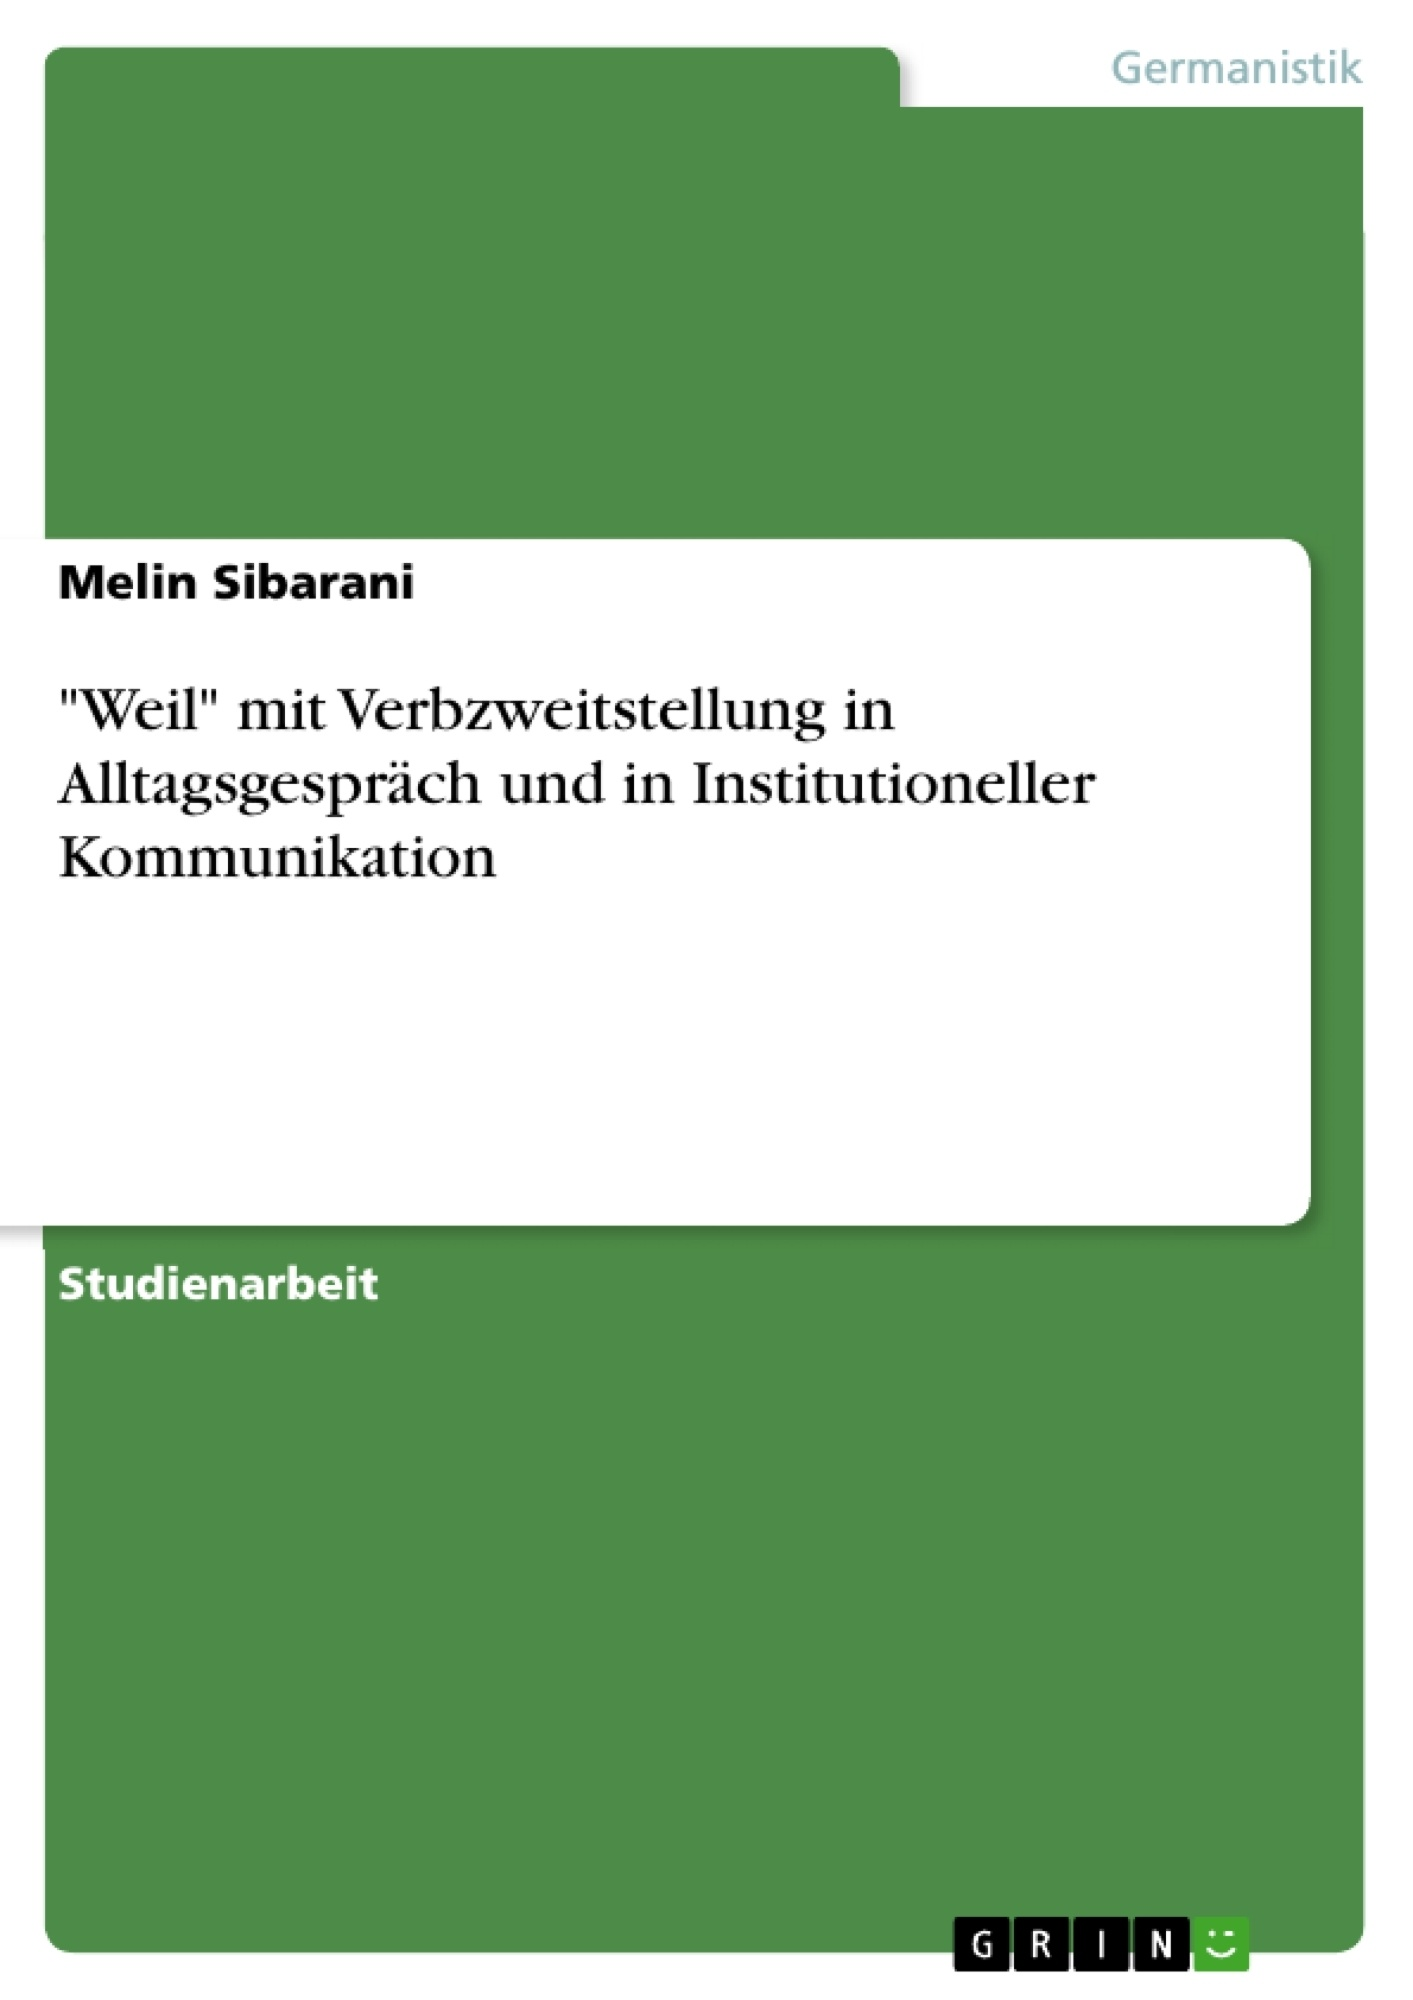 """Titel: """"Weil"""" mit Verbzweitstellung in Alltagsgespräch und in Institutioneller Kommunikation"""